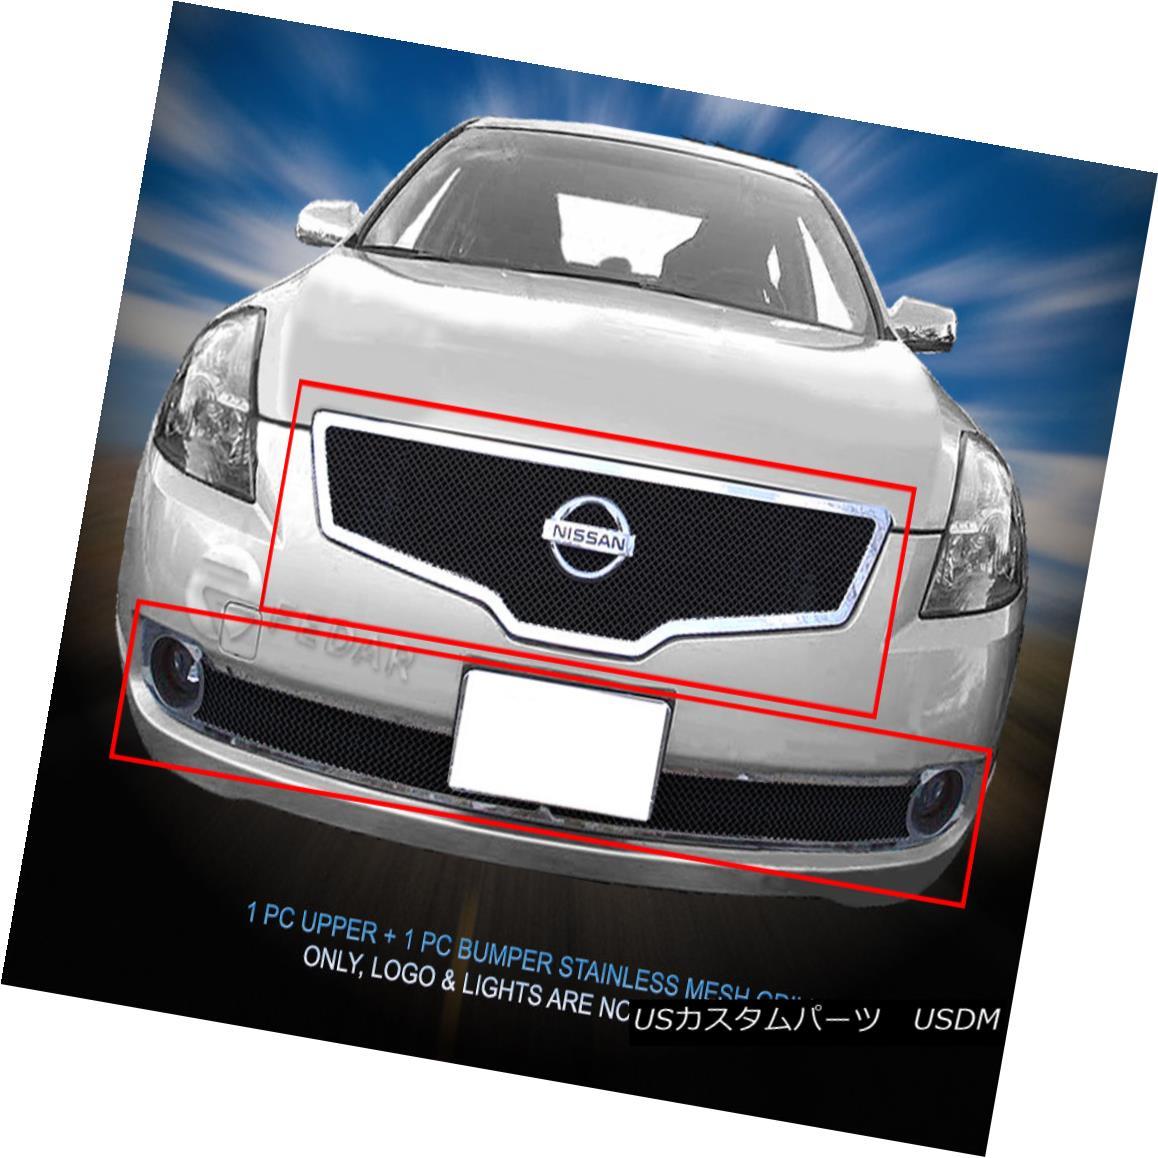 グリル Fedar Fits 07-09 Nissan Altima Sedan Black Wire Mesh Grille Combo Insert フェデラルフィット07-09日産アルティマセダンブラックワイヤーメッシュグリルコンボインサート